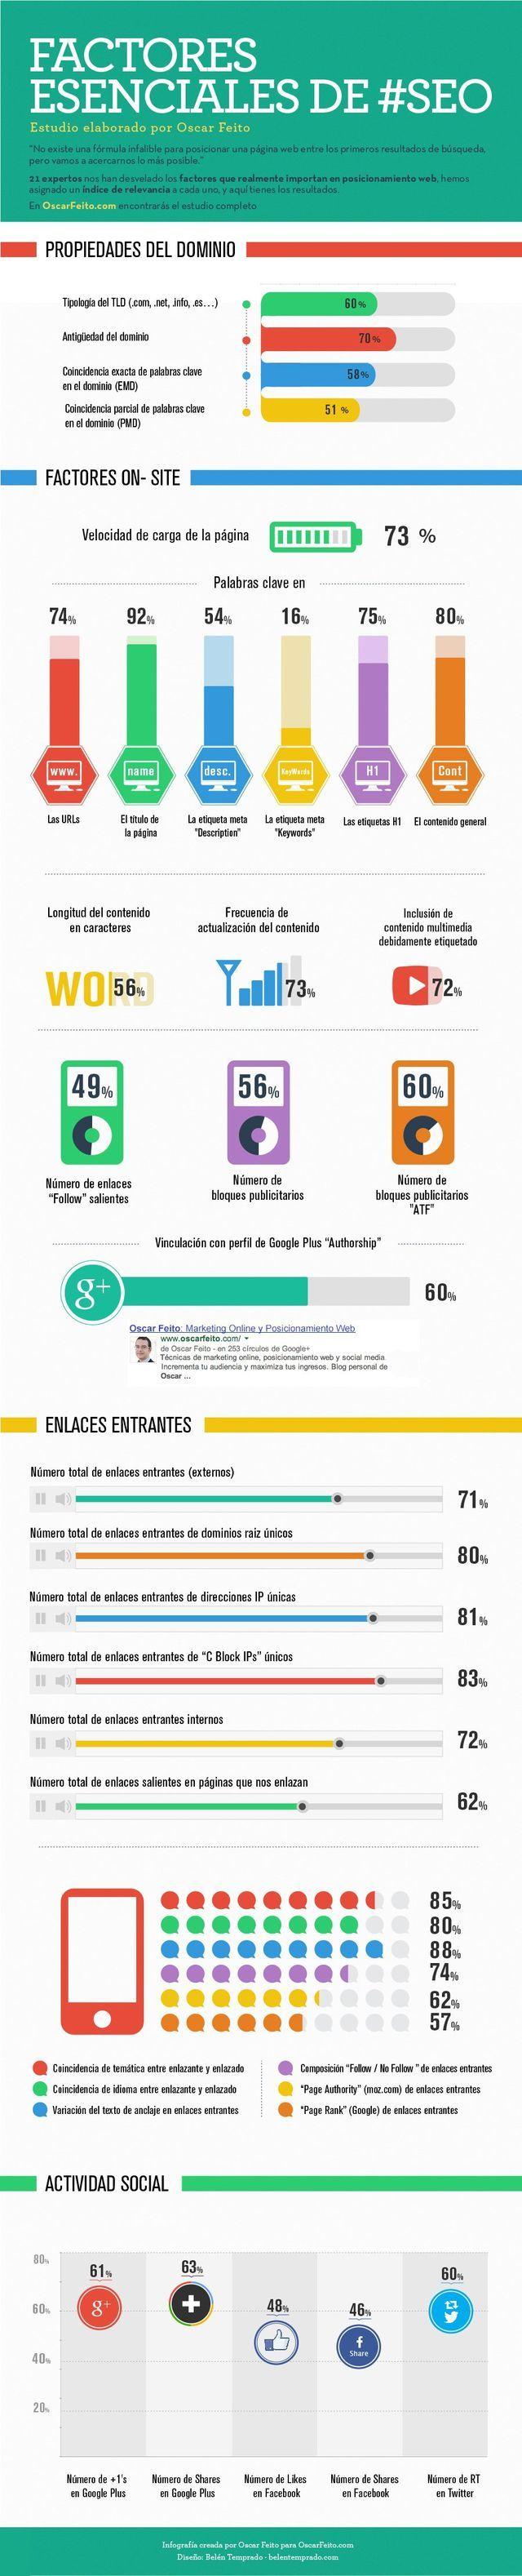 Factores Esenciales de SEO es una infografía que nos muestra diversos factores, y su porcentaje de relevancia, que afectan al SEO actual.